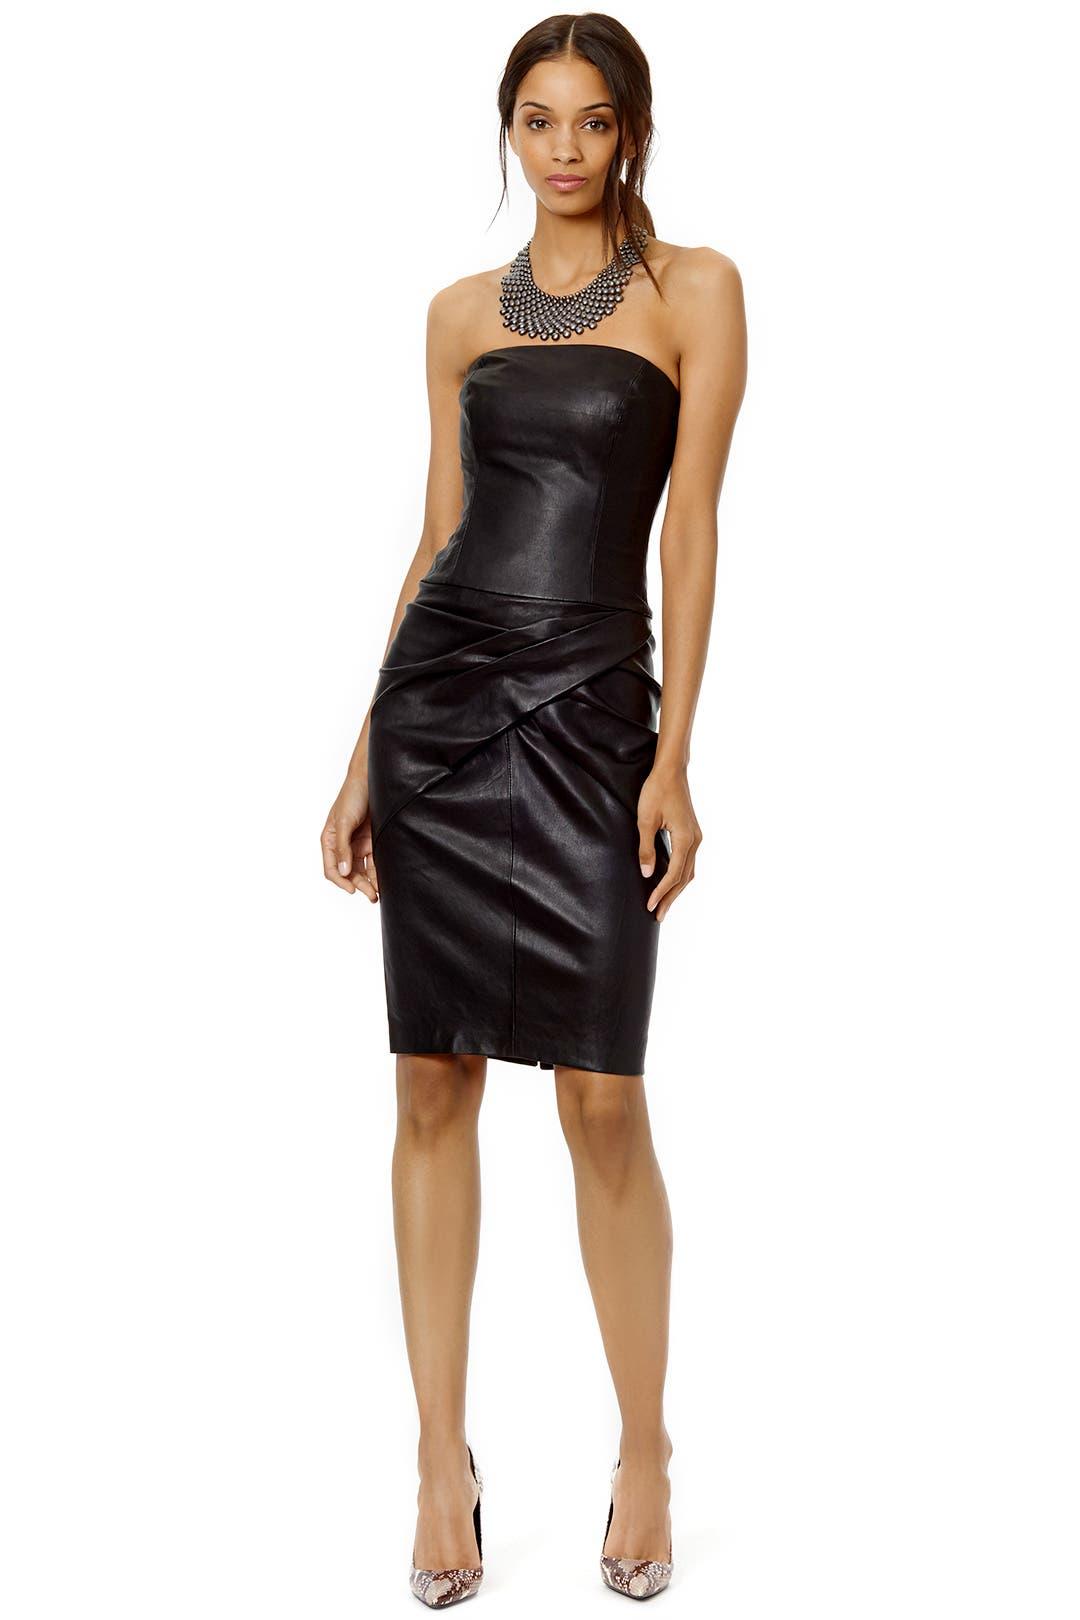 Creme de la Creme Dress by Robert Rodriguez Collection for